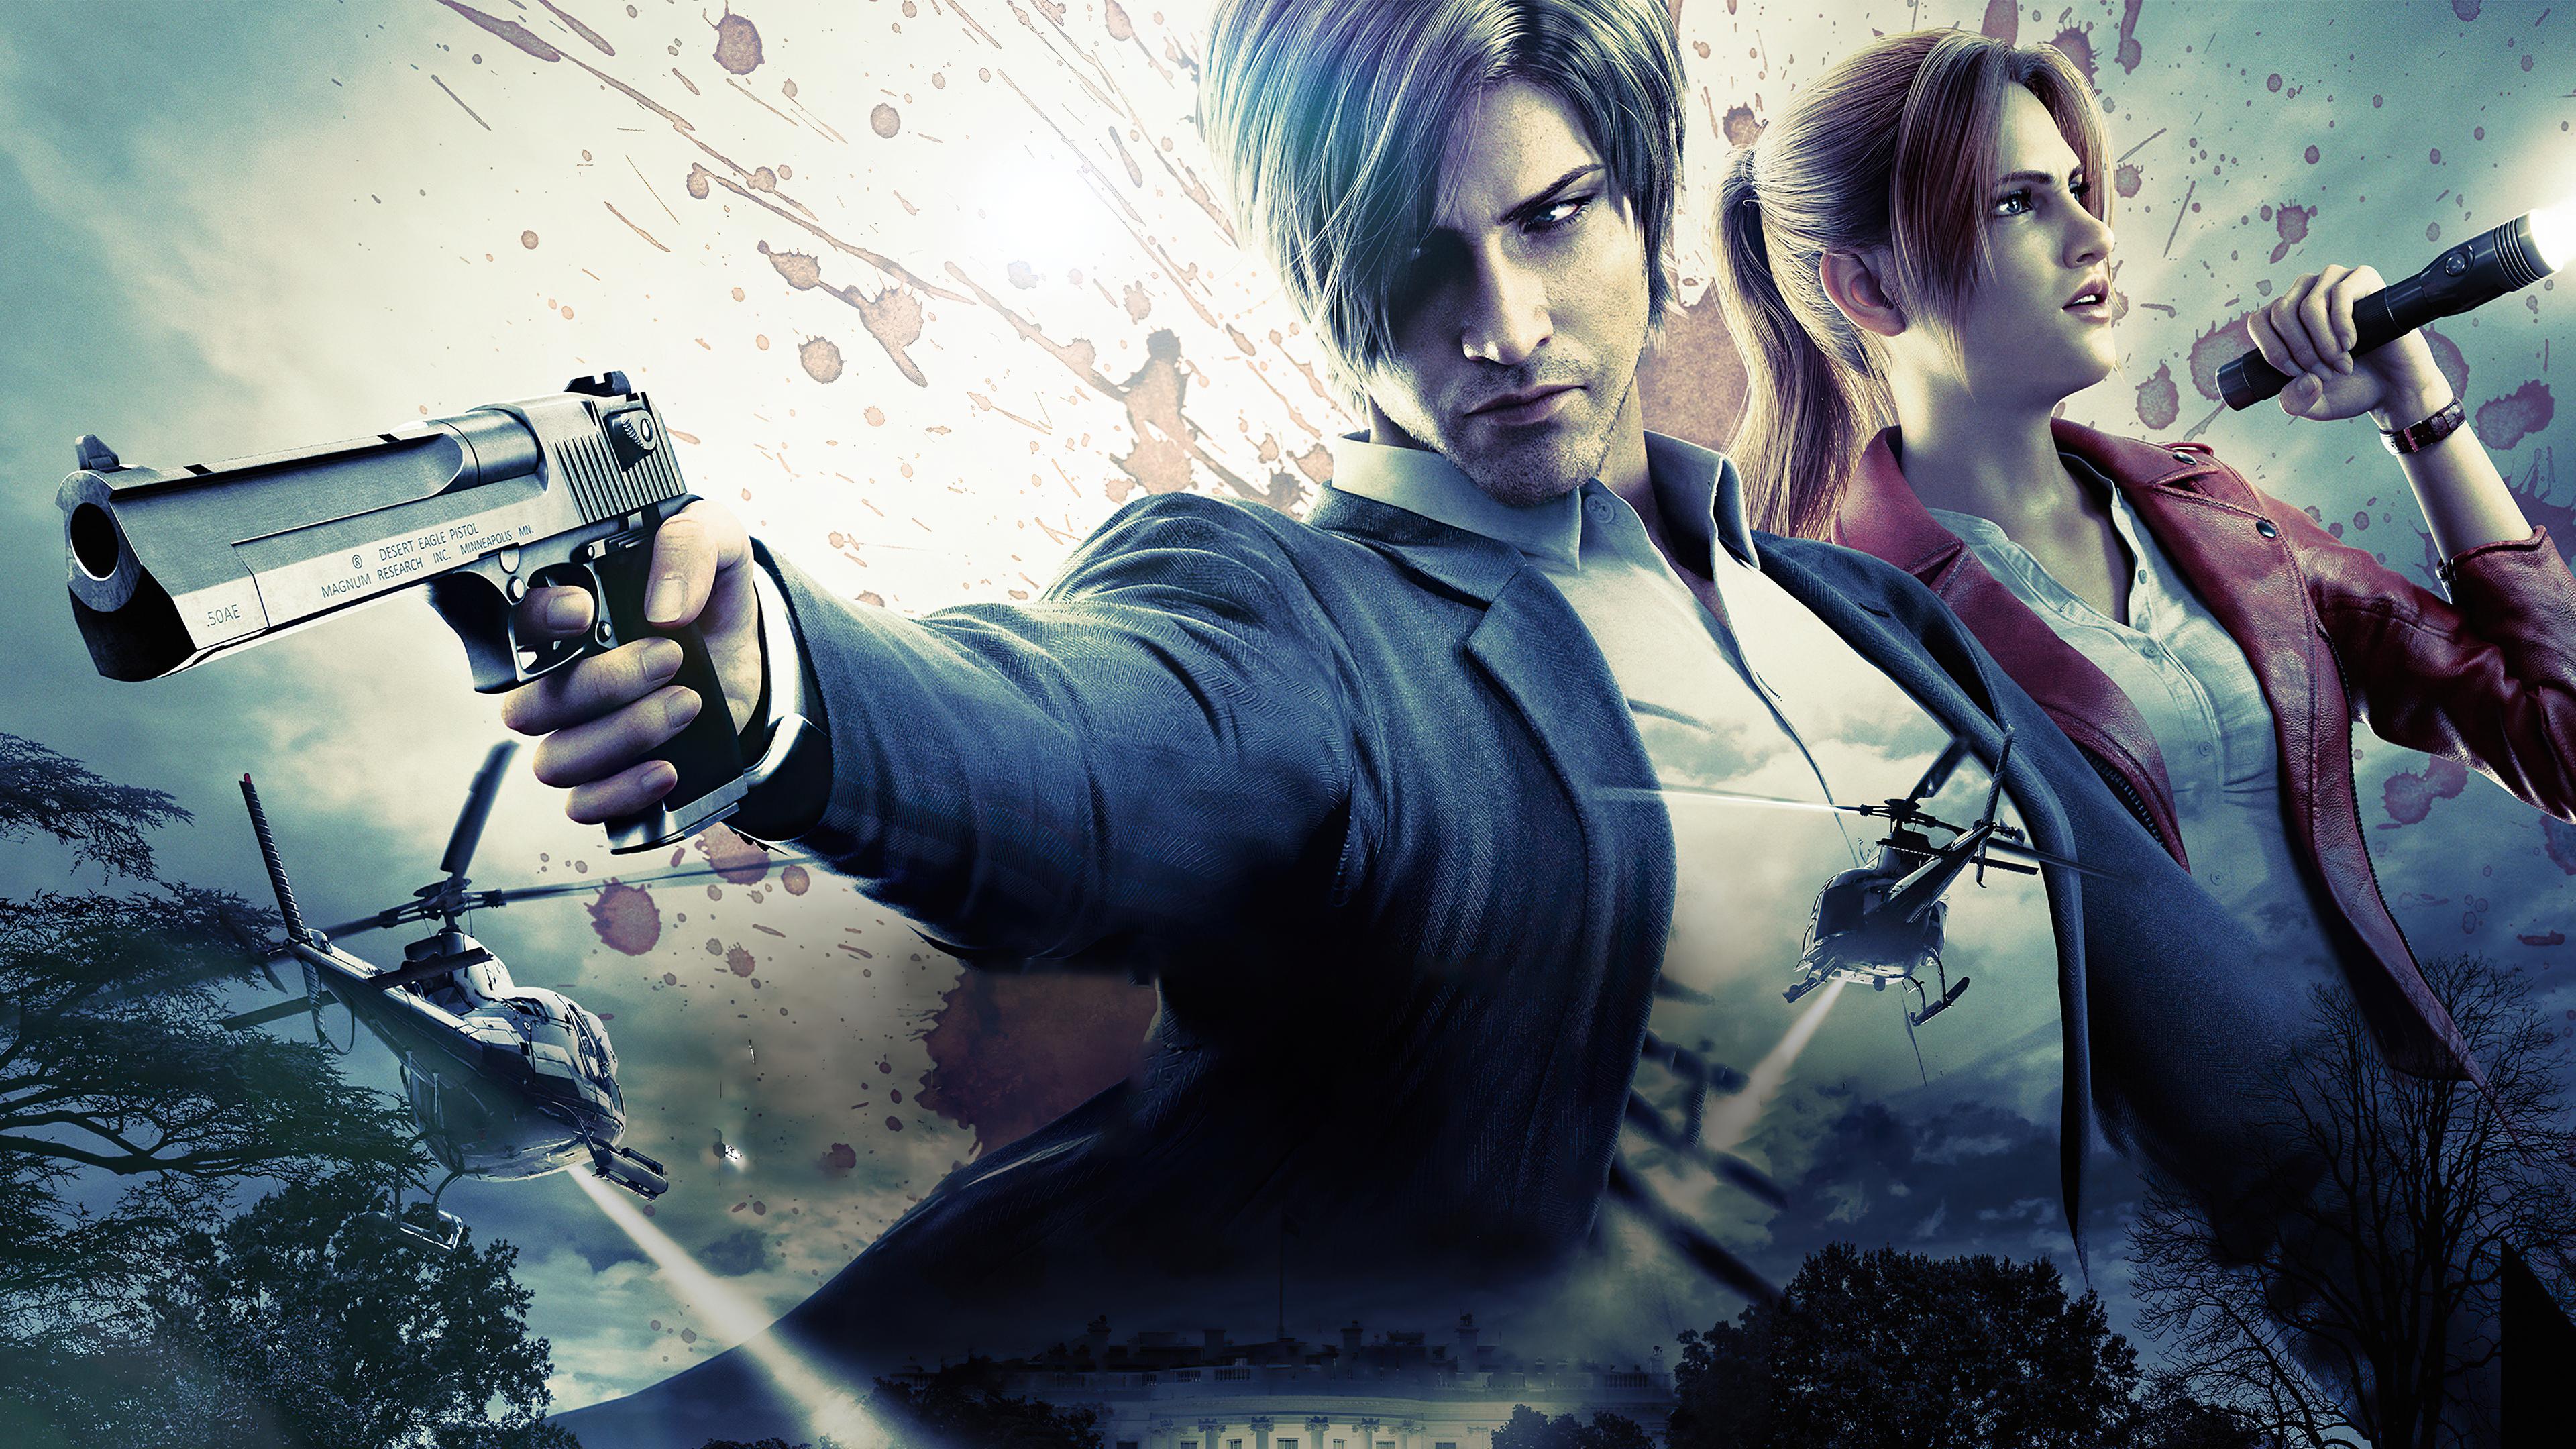 resident evil infinite darkness 4k 1626910842 - Resident Evil Infinite Darkness 4k - Resident Evil Infinite Darkness 4k wallpapers